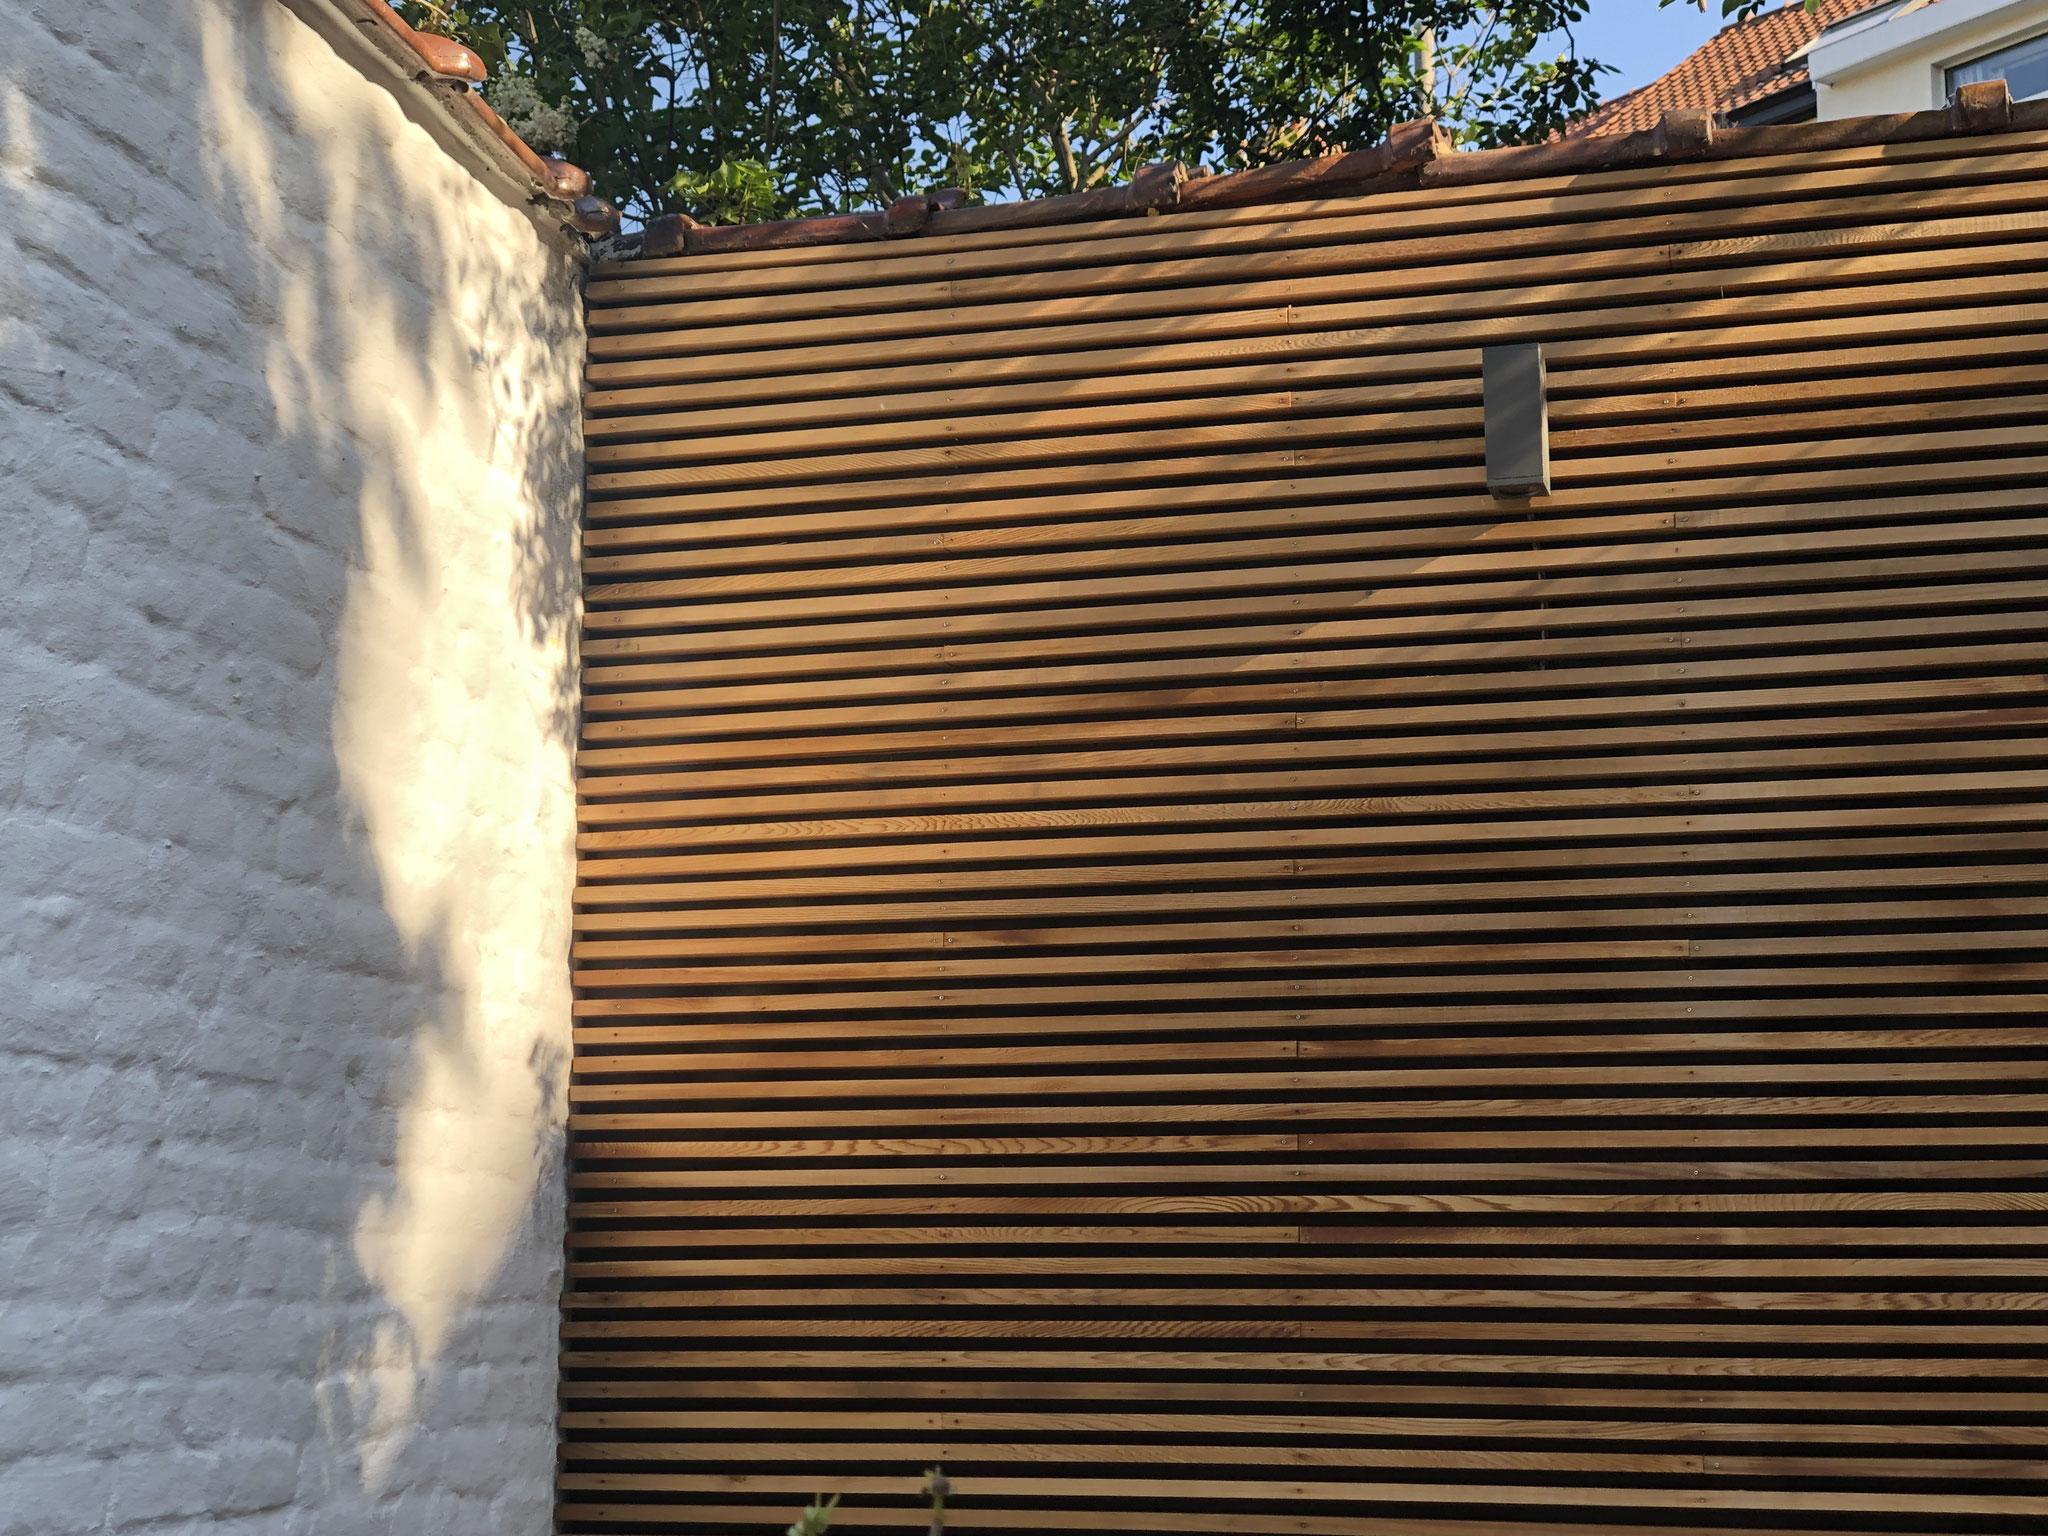 Jardin de 100m2 - Style contemporain - Détail / Terrasse du fond - Bardage. Aménagement jardin Bruxelles